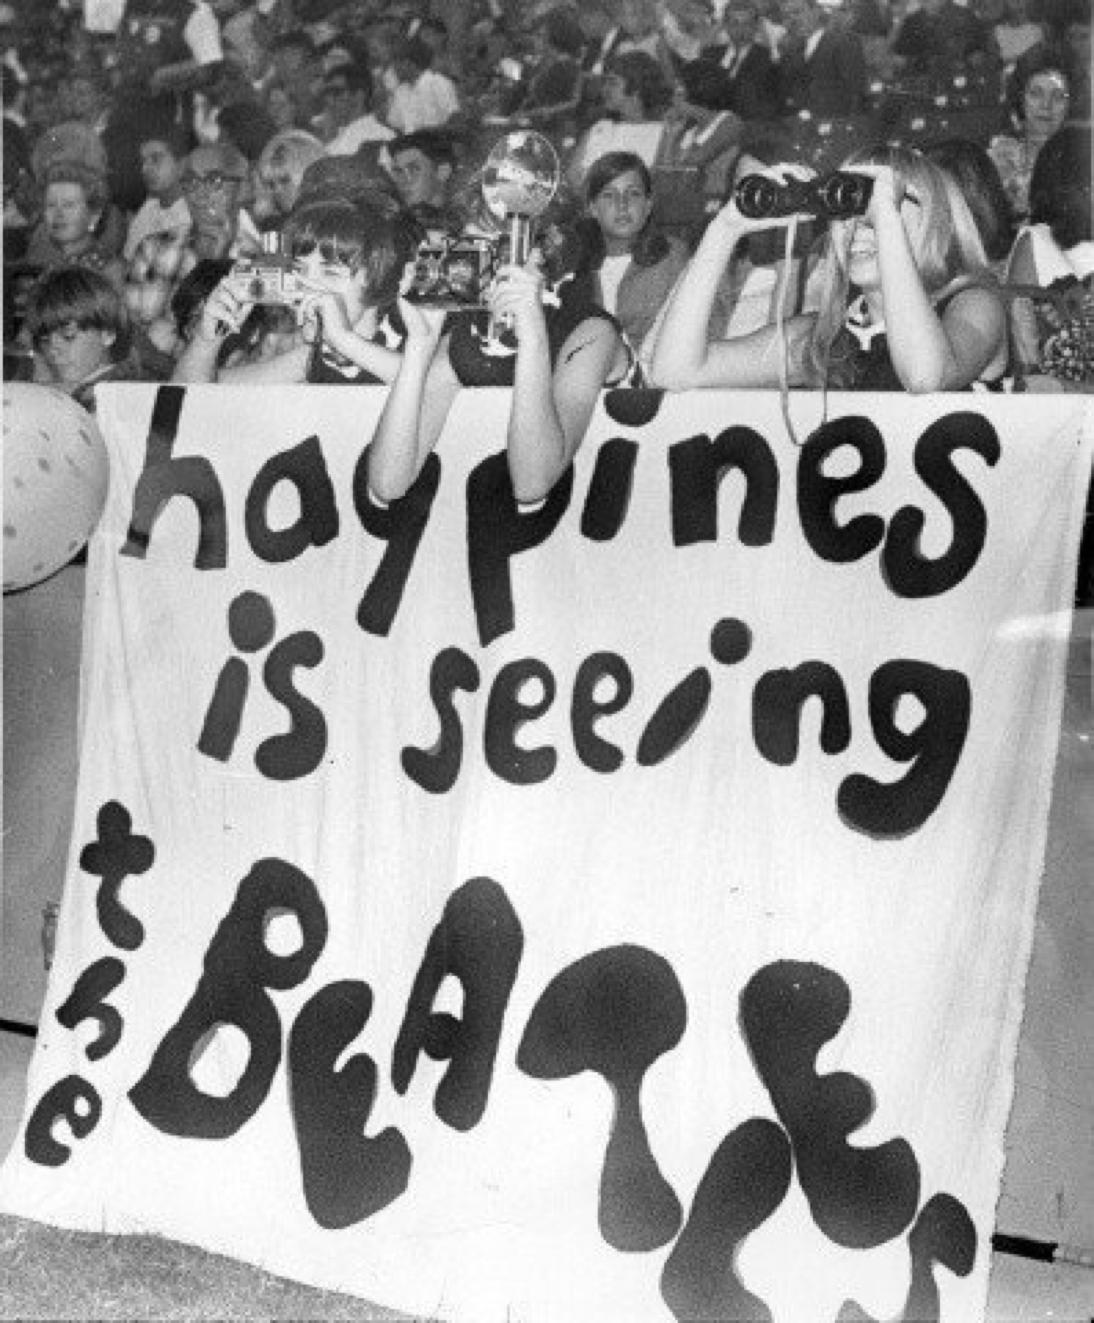 Fans in St. Louis, 1966.